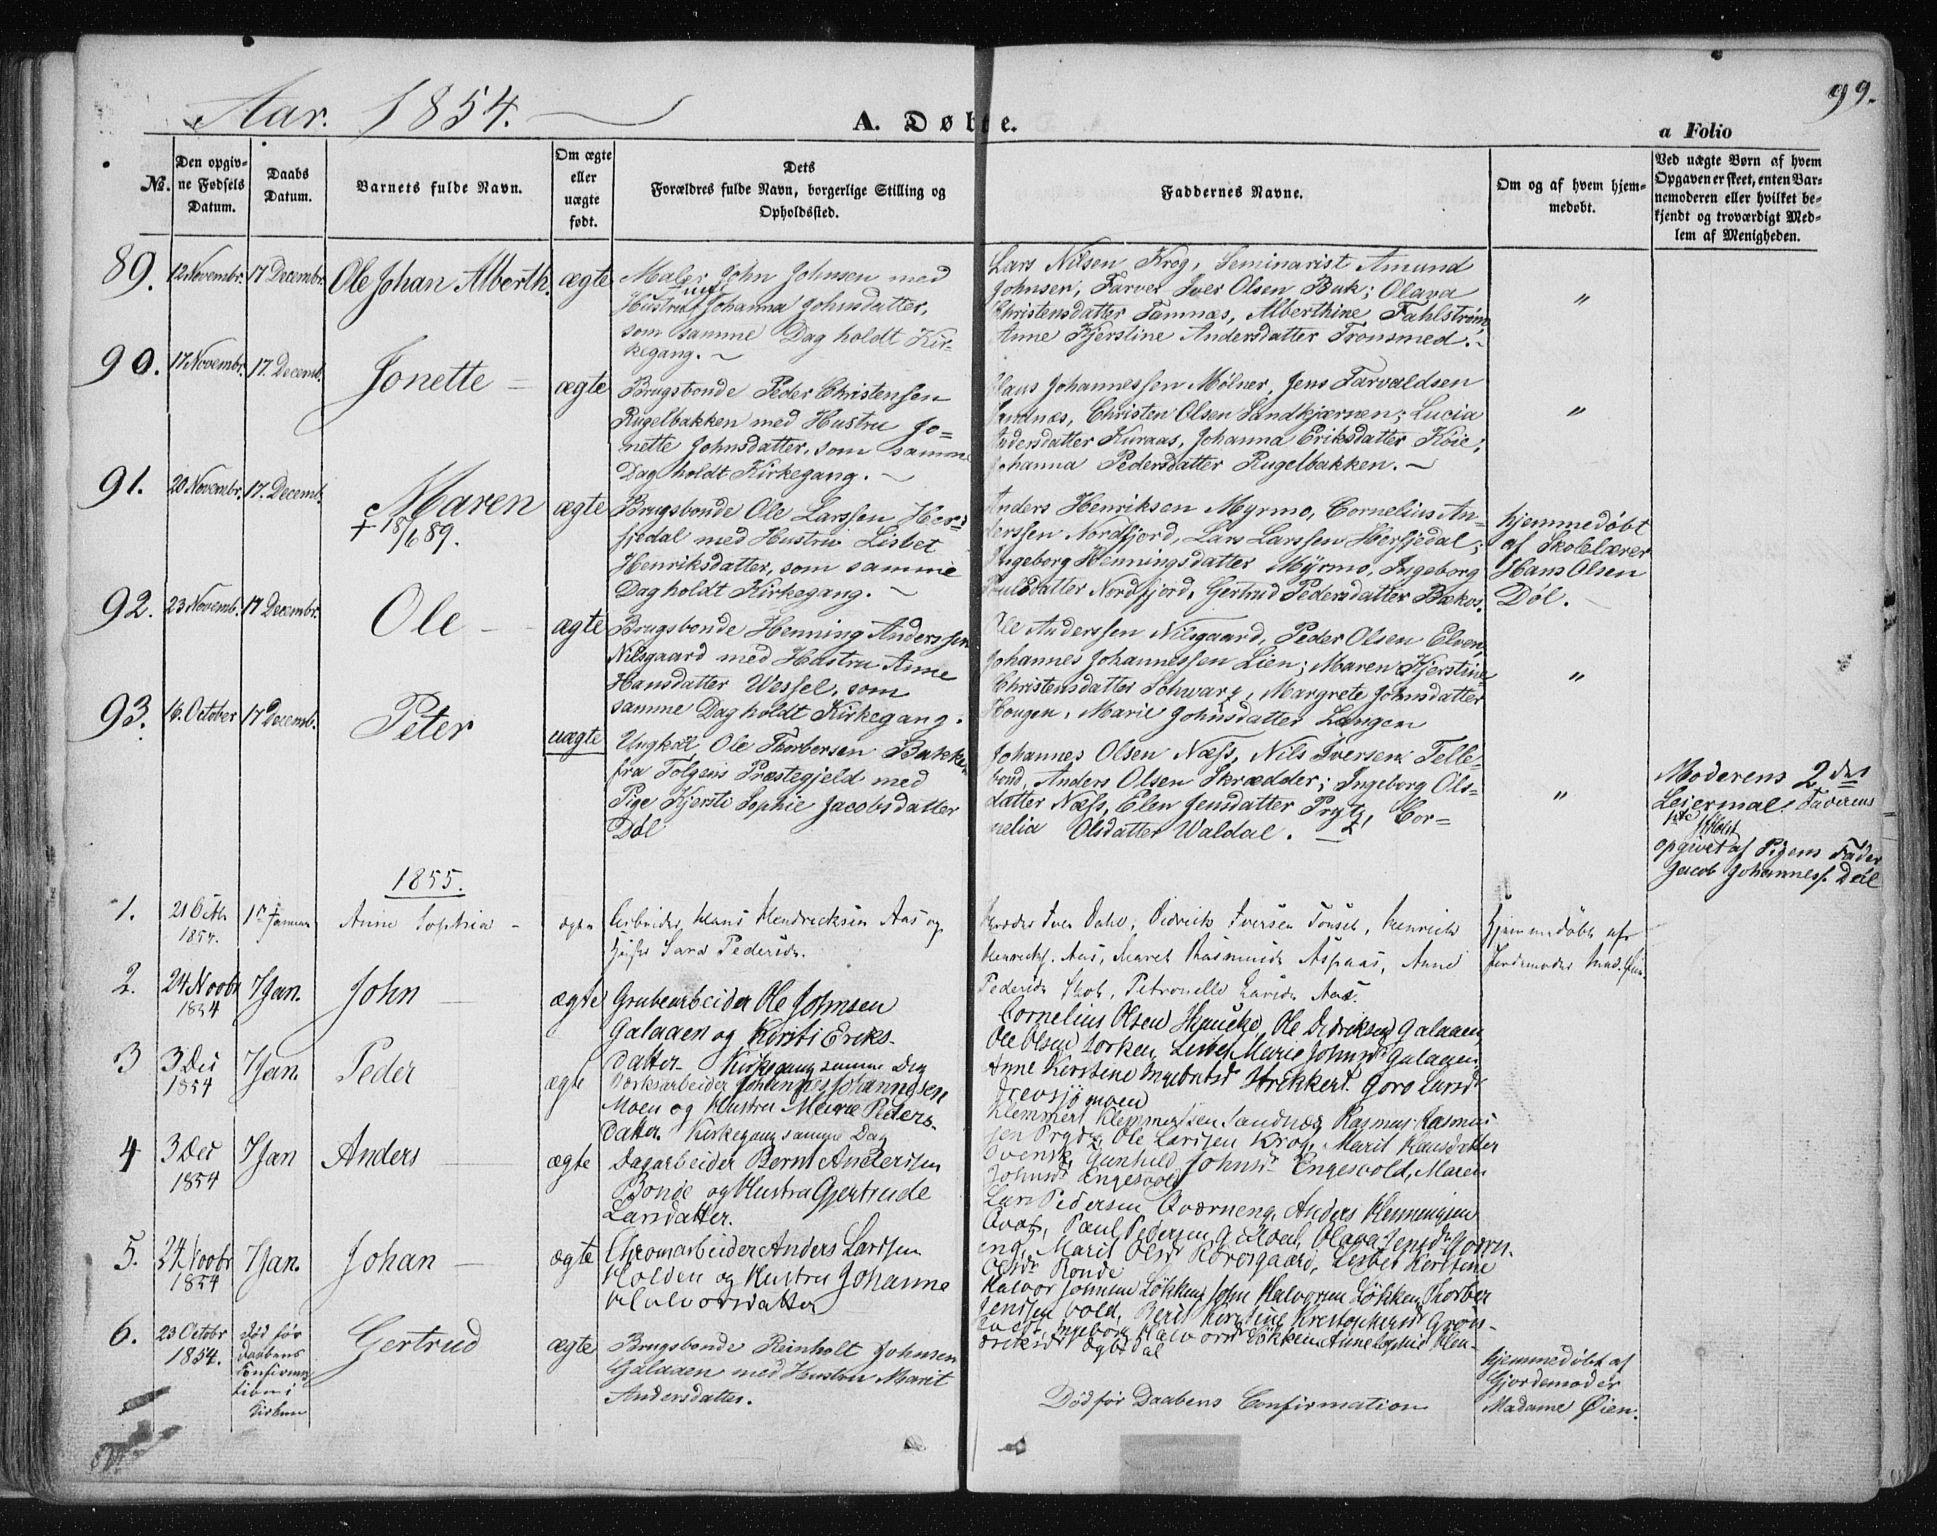 SAT, Ministerialprotokoller, klokkerbøker og fødselsregistre - Sør-Trøndelag, 681/L0931: Ministerialbok nr. 681A09, 1845-1859, s. 99